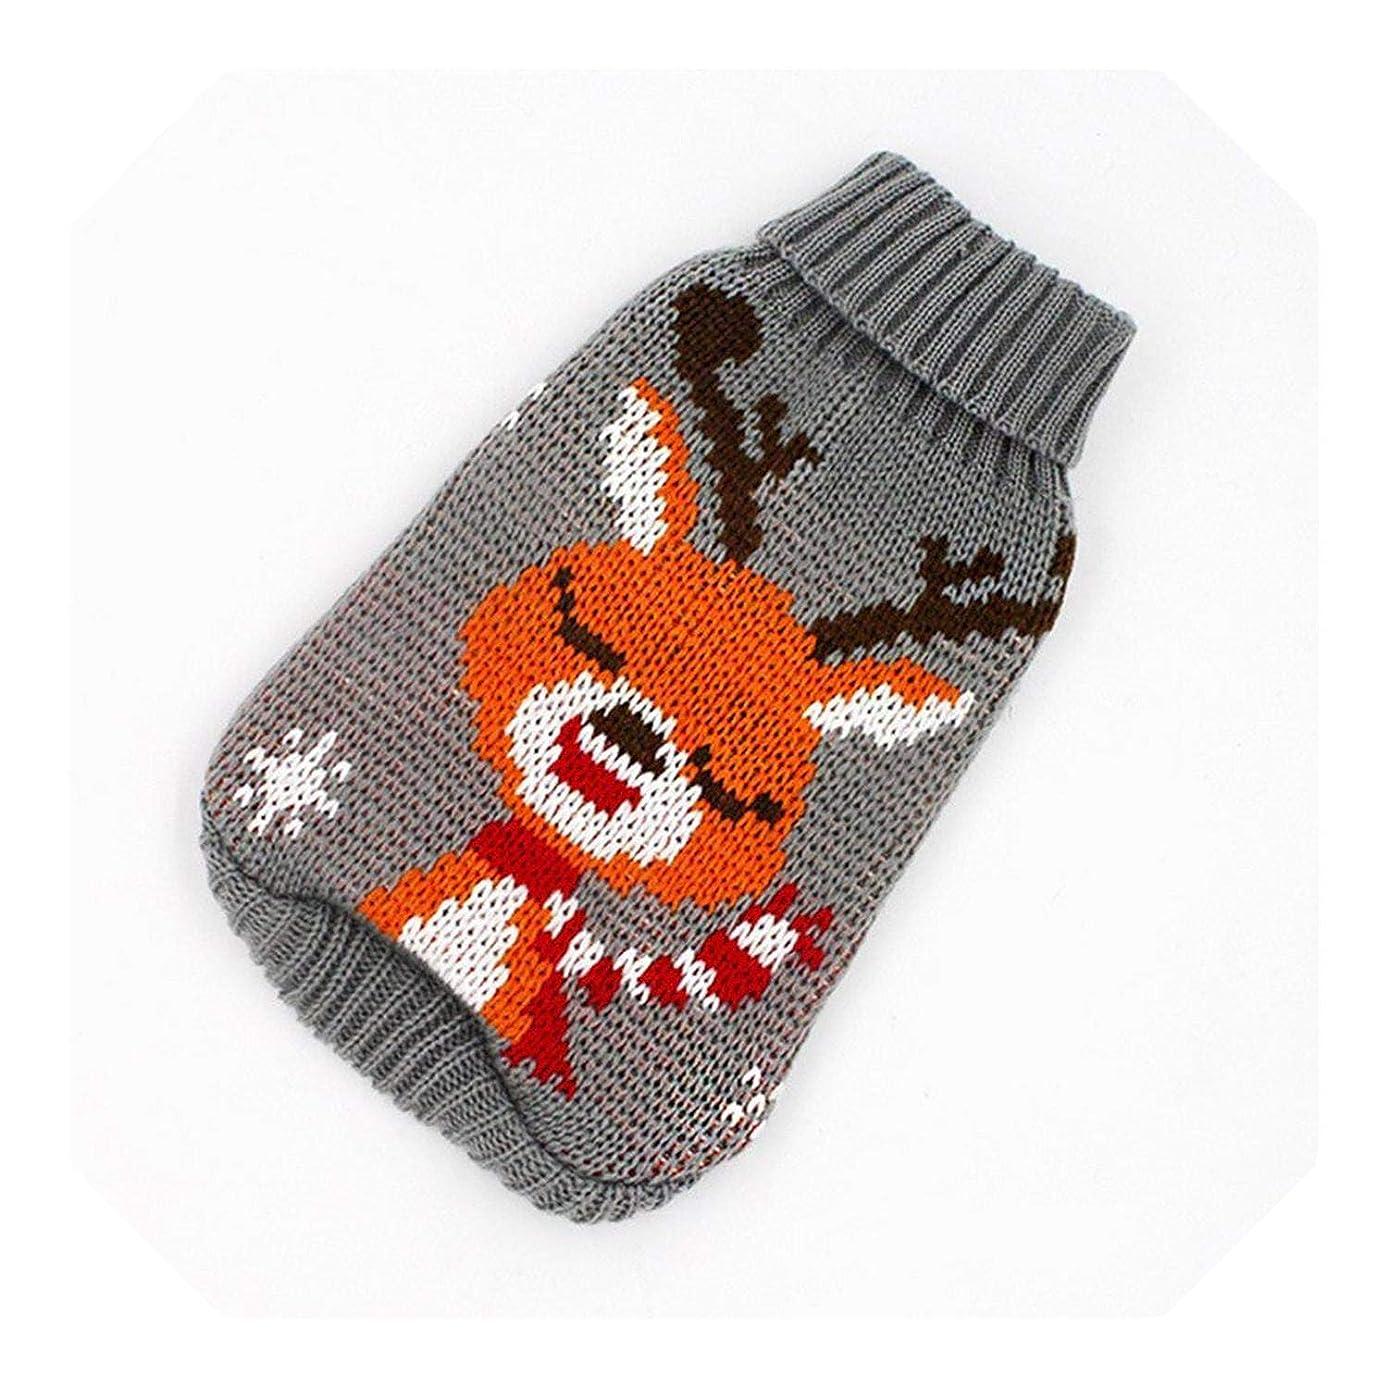 影のあるマニフェスト入学する女の子Xs犬服暖かい冬の漫画の犬の服暖かいクリスマスセーター小型犬ペット服コート編みかぎ針編み布-08-M、